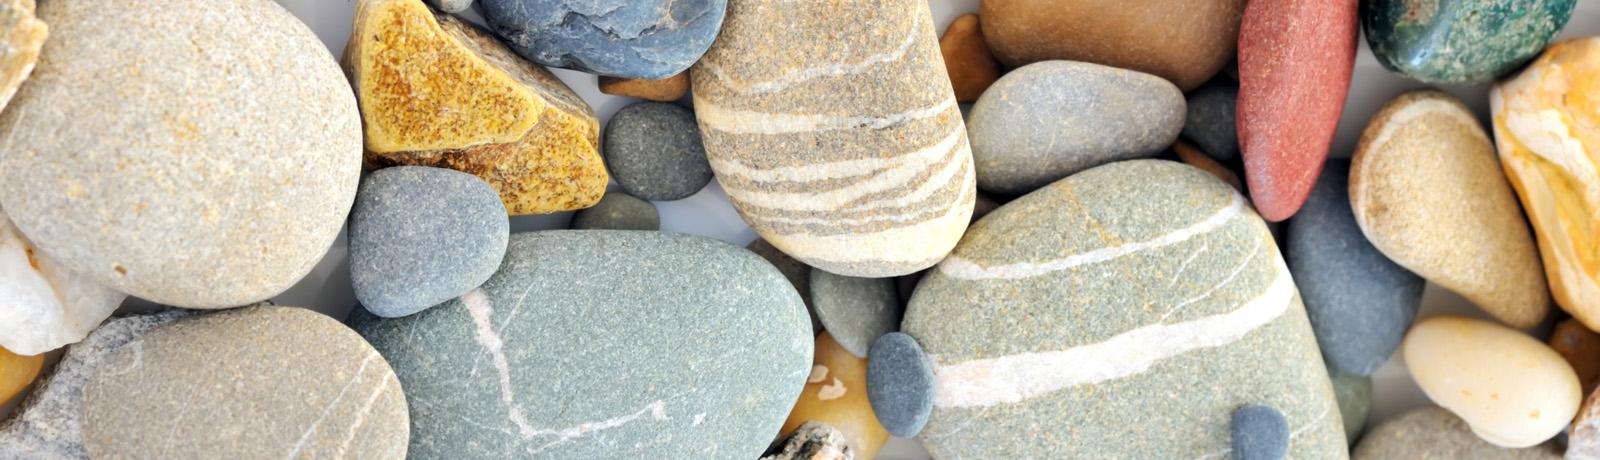 predaj kamenov a strkopieskov anteco okrasne kamene, stavebny material horna sec nitra levice kamenivo dekoracne kamene okrasne kamene naslapne kamene